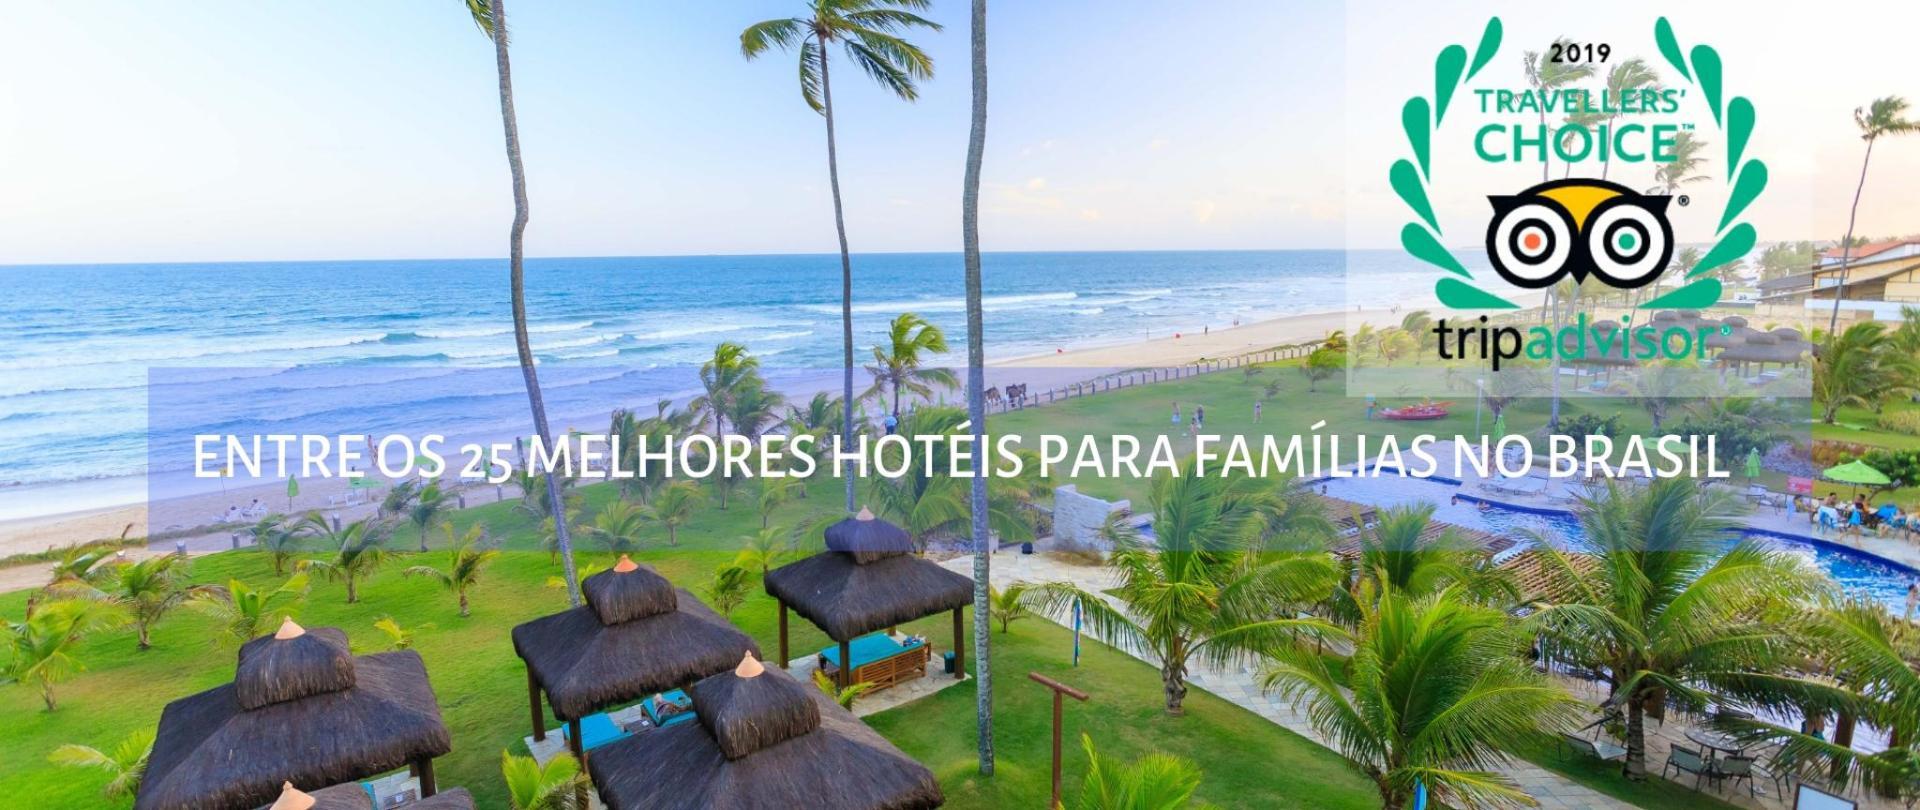 ENTRE LOS 25 MEJORES HOTELES PARA FAMILIAS EN BRASIL (3).jpg